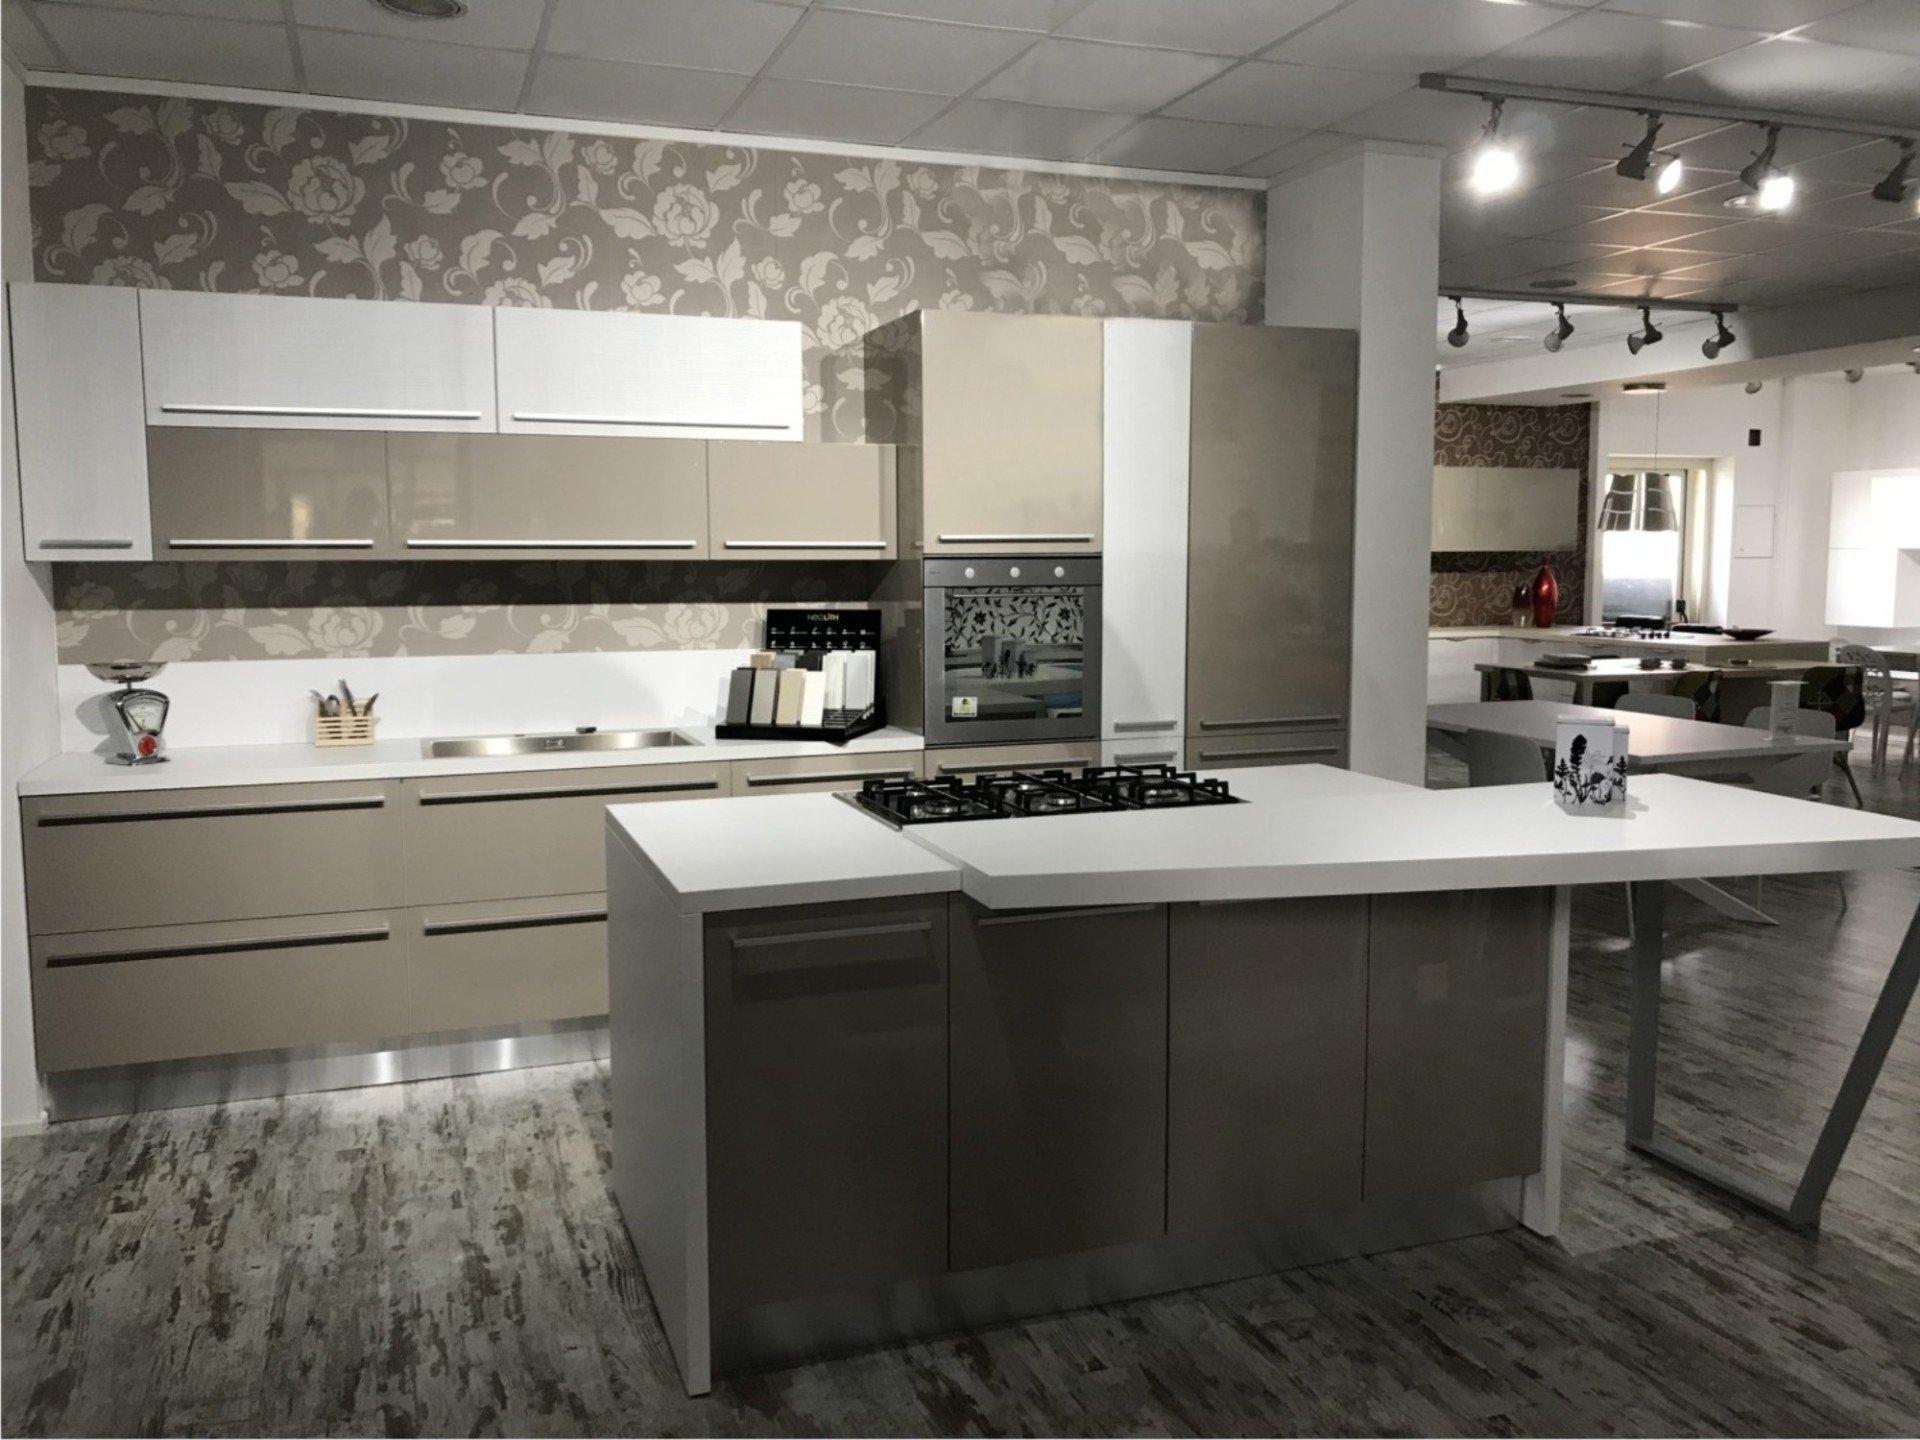 Outlet arredamento cosenza mangone thesign arredamenti for Arredamento casa completo economico